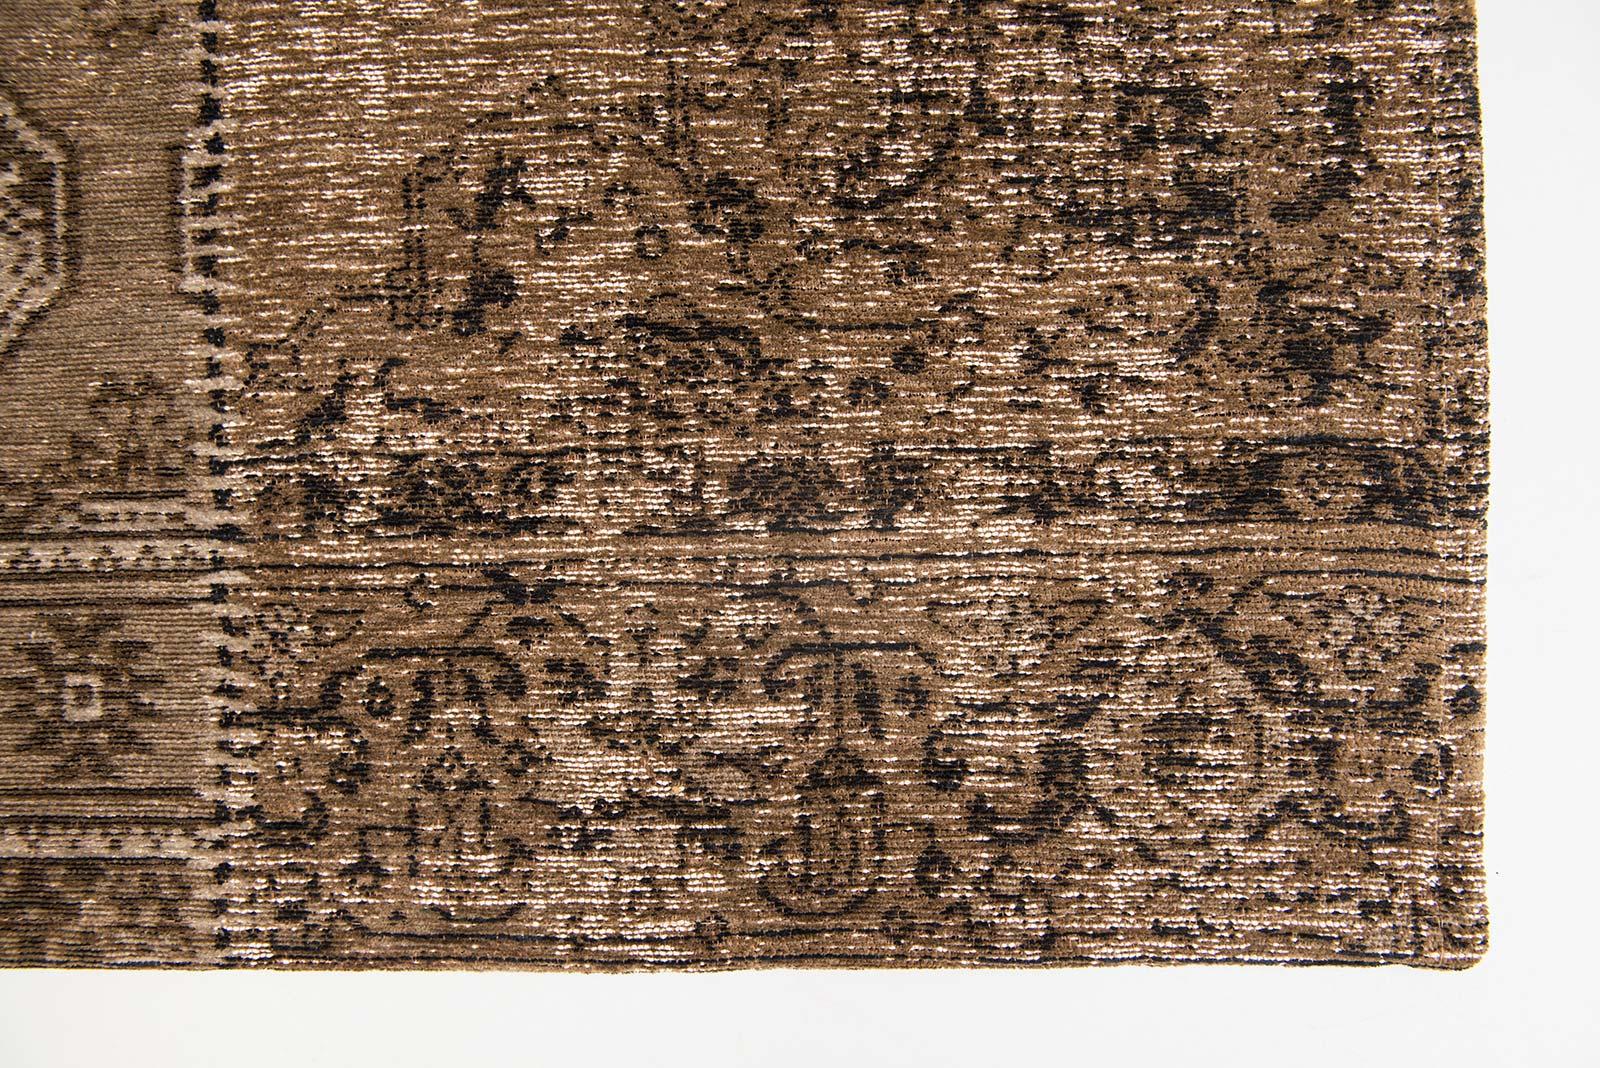 tapis Louis De Poortere LX8117 8784 Khayma Farrago Dustroad corner